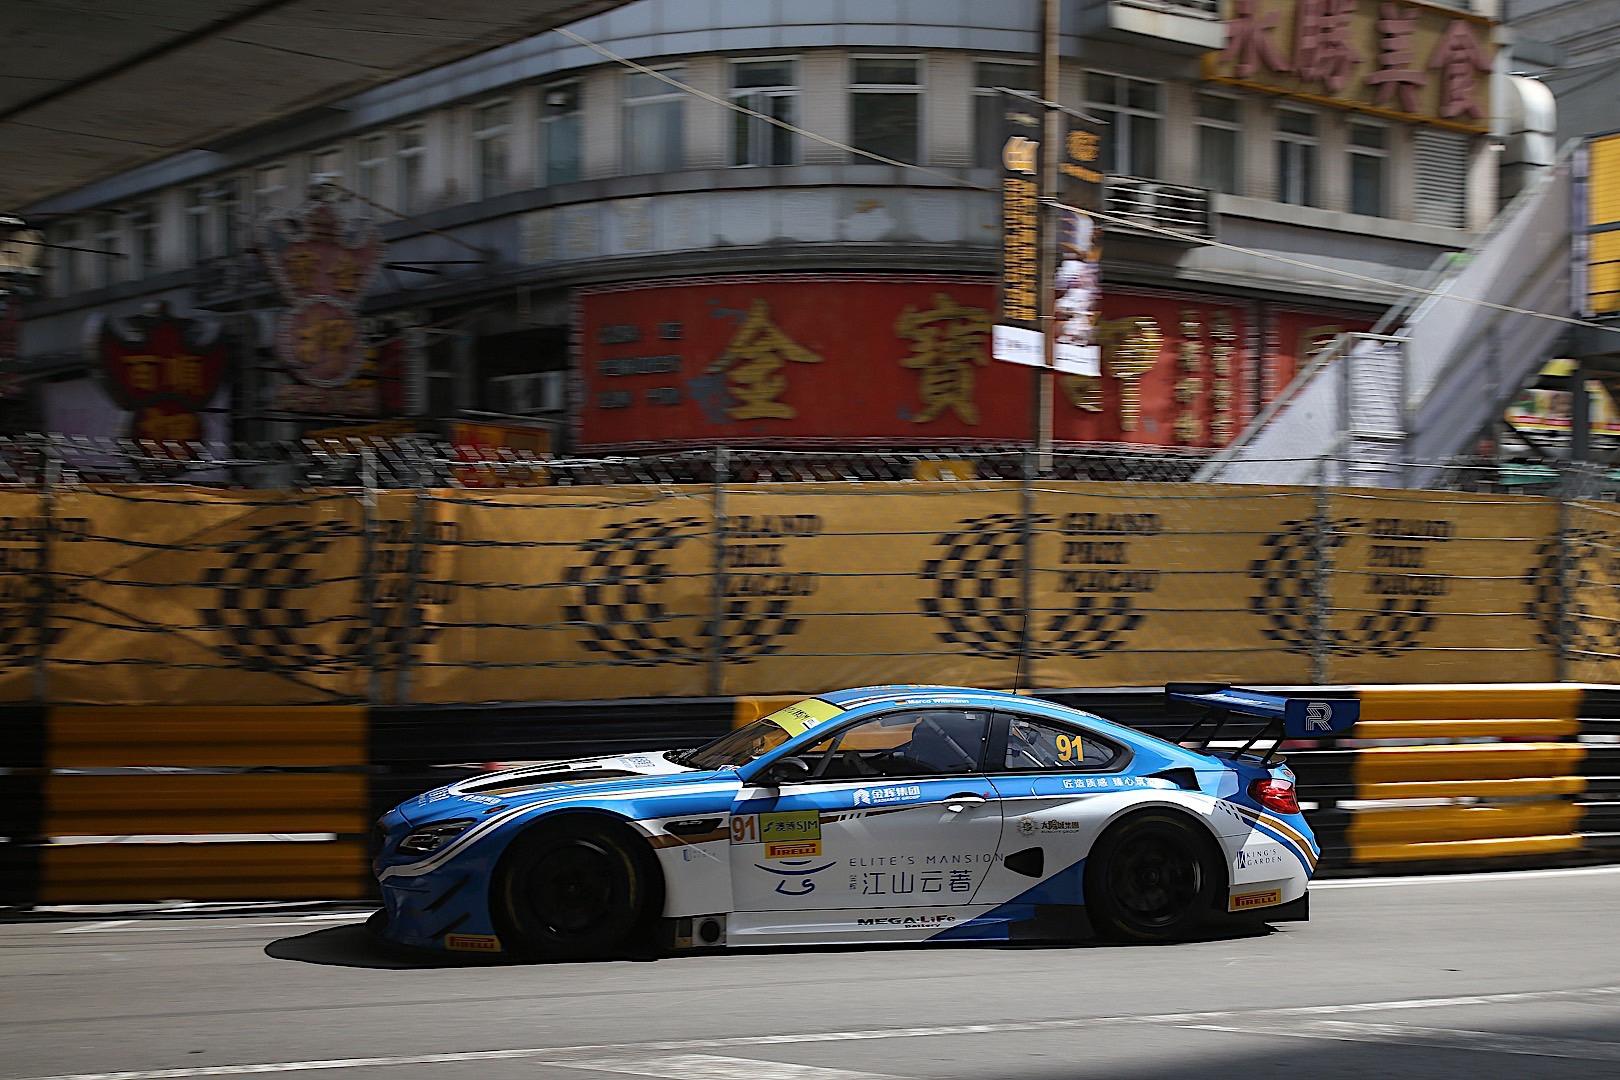 BMW DTM DriversP90285577 highRes